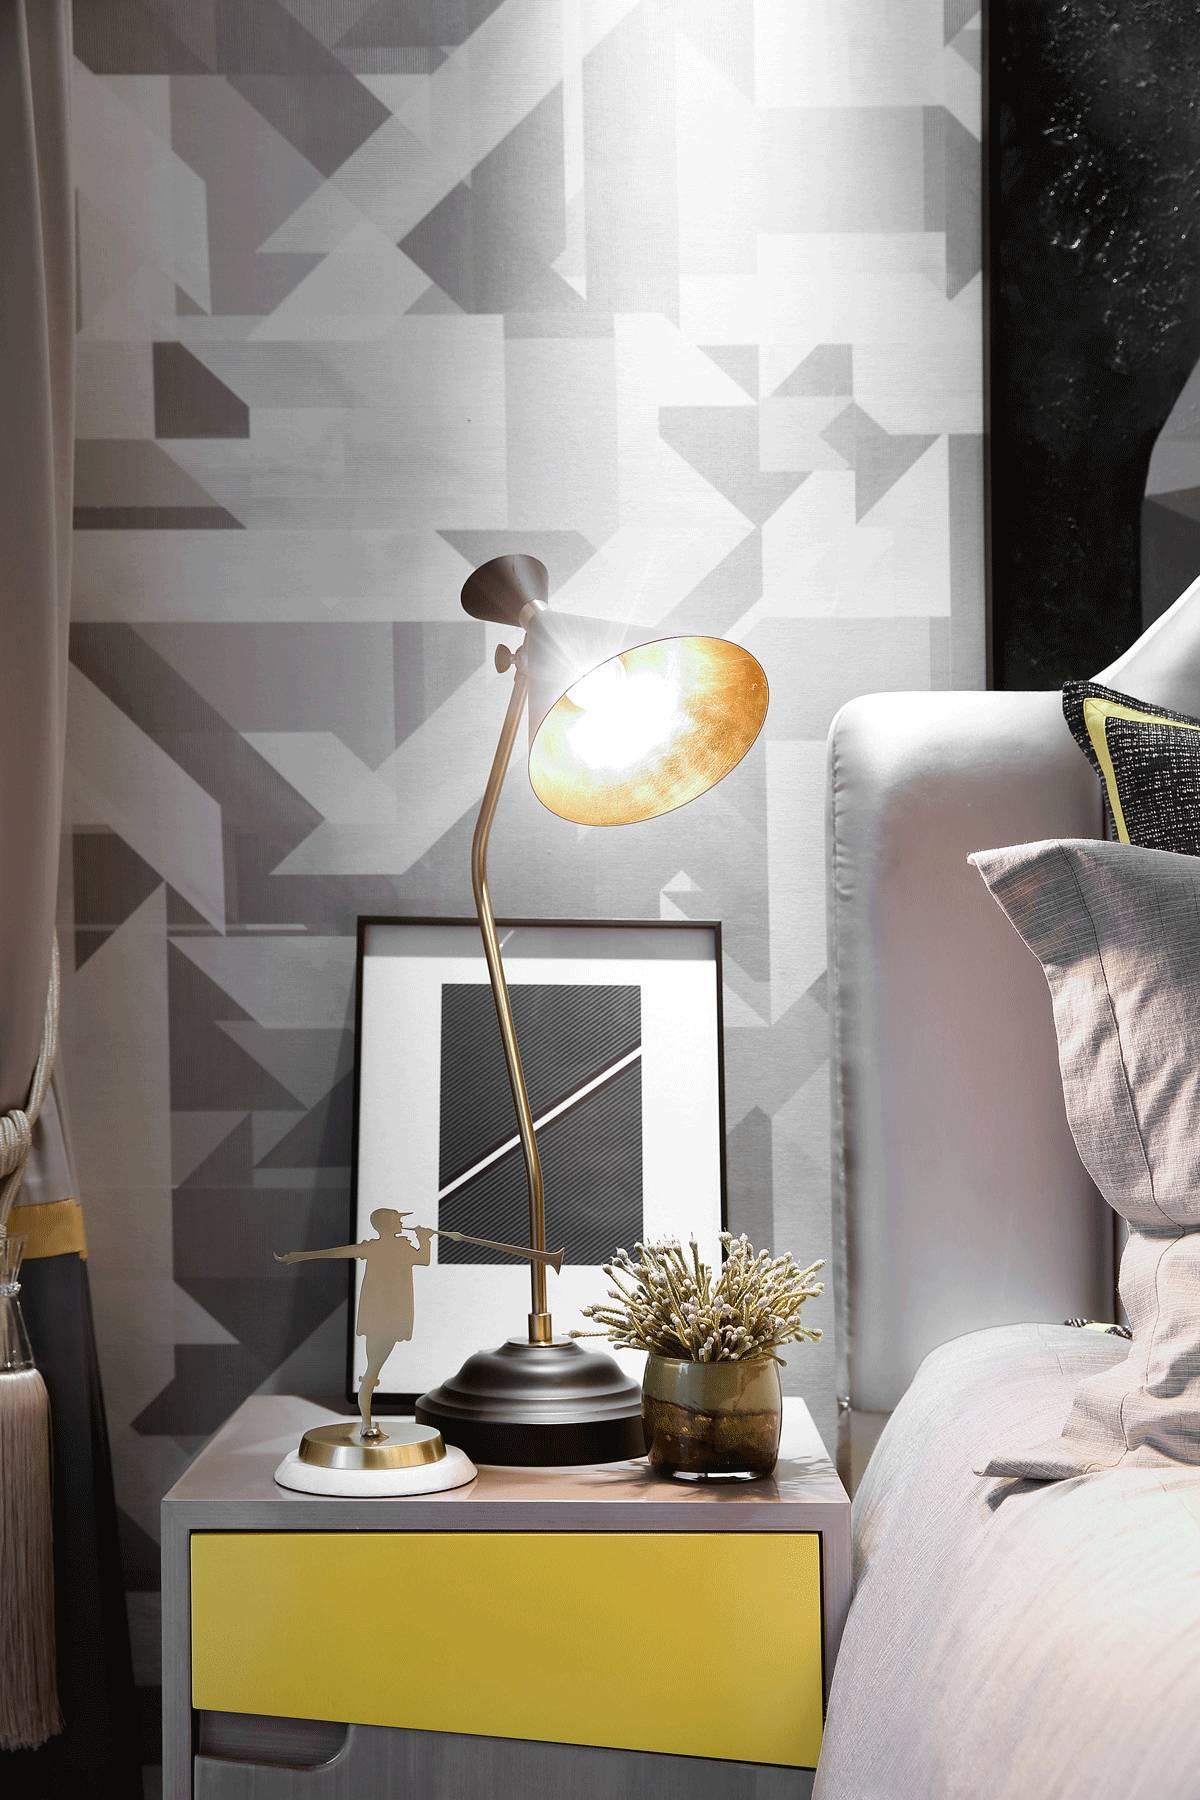 家居墙面也要美美哒 给你不一样的色彩墙